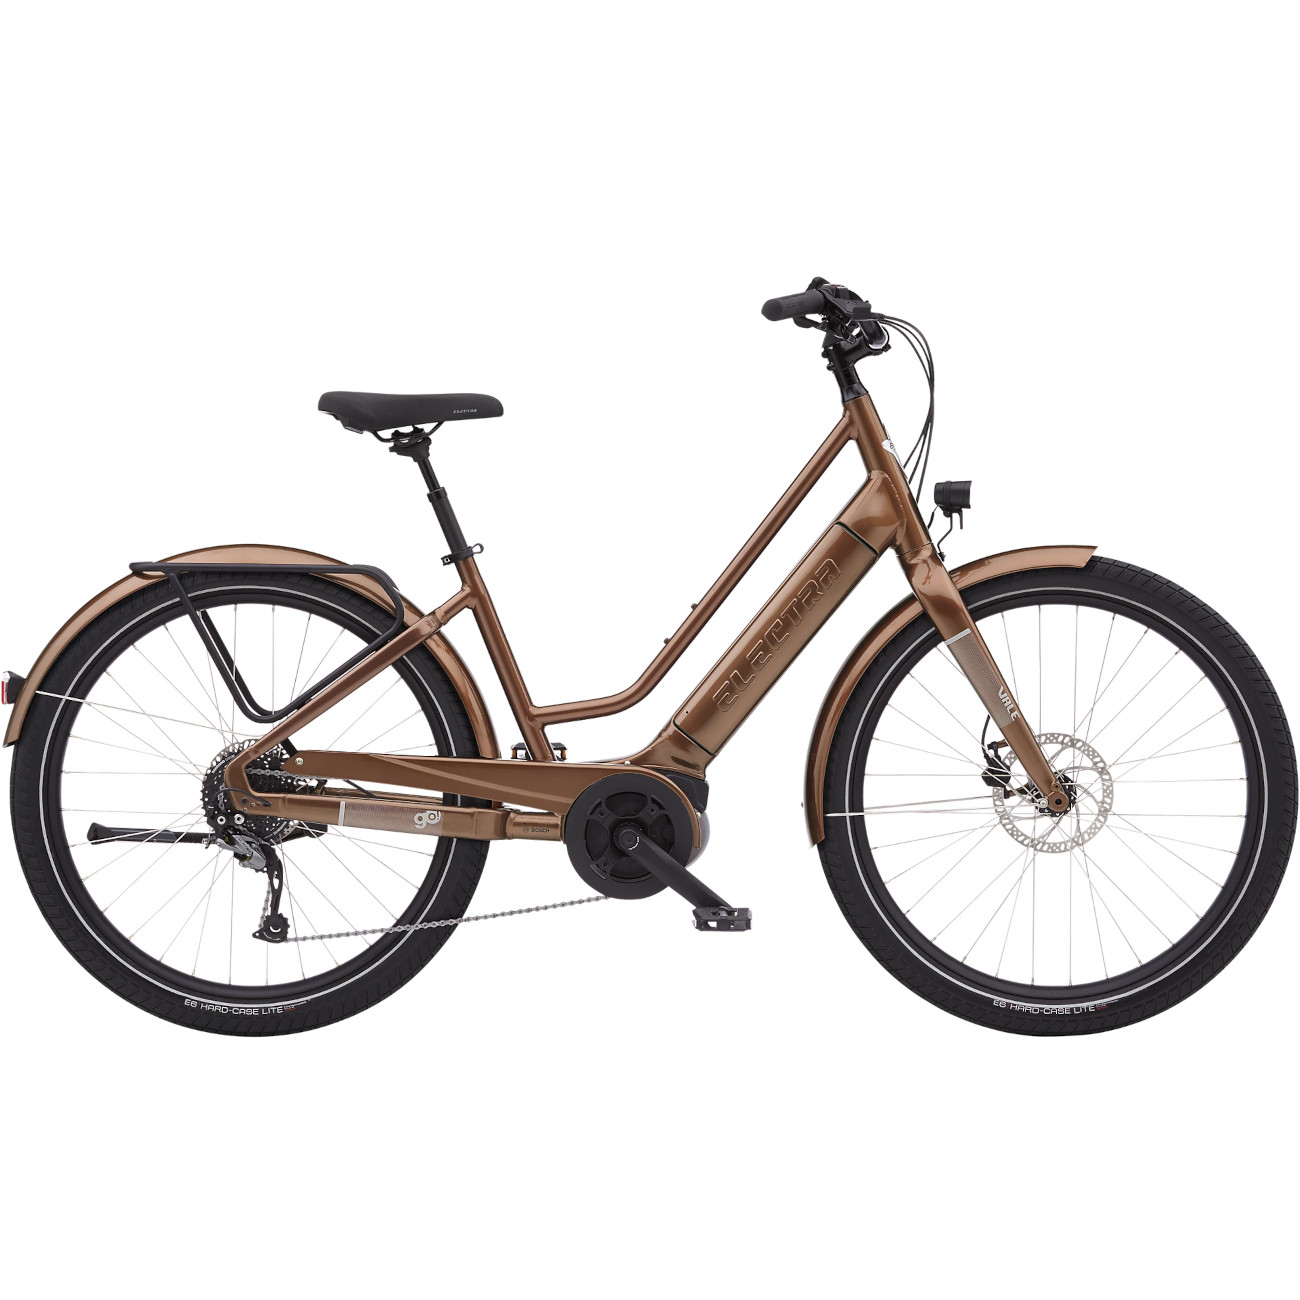 Produktbild von Electra Vale Go! 9D EQ Stadtrad E-Bike mit Tiefeinstieg - 500Wh - Mahogany Metallic